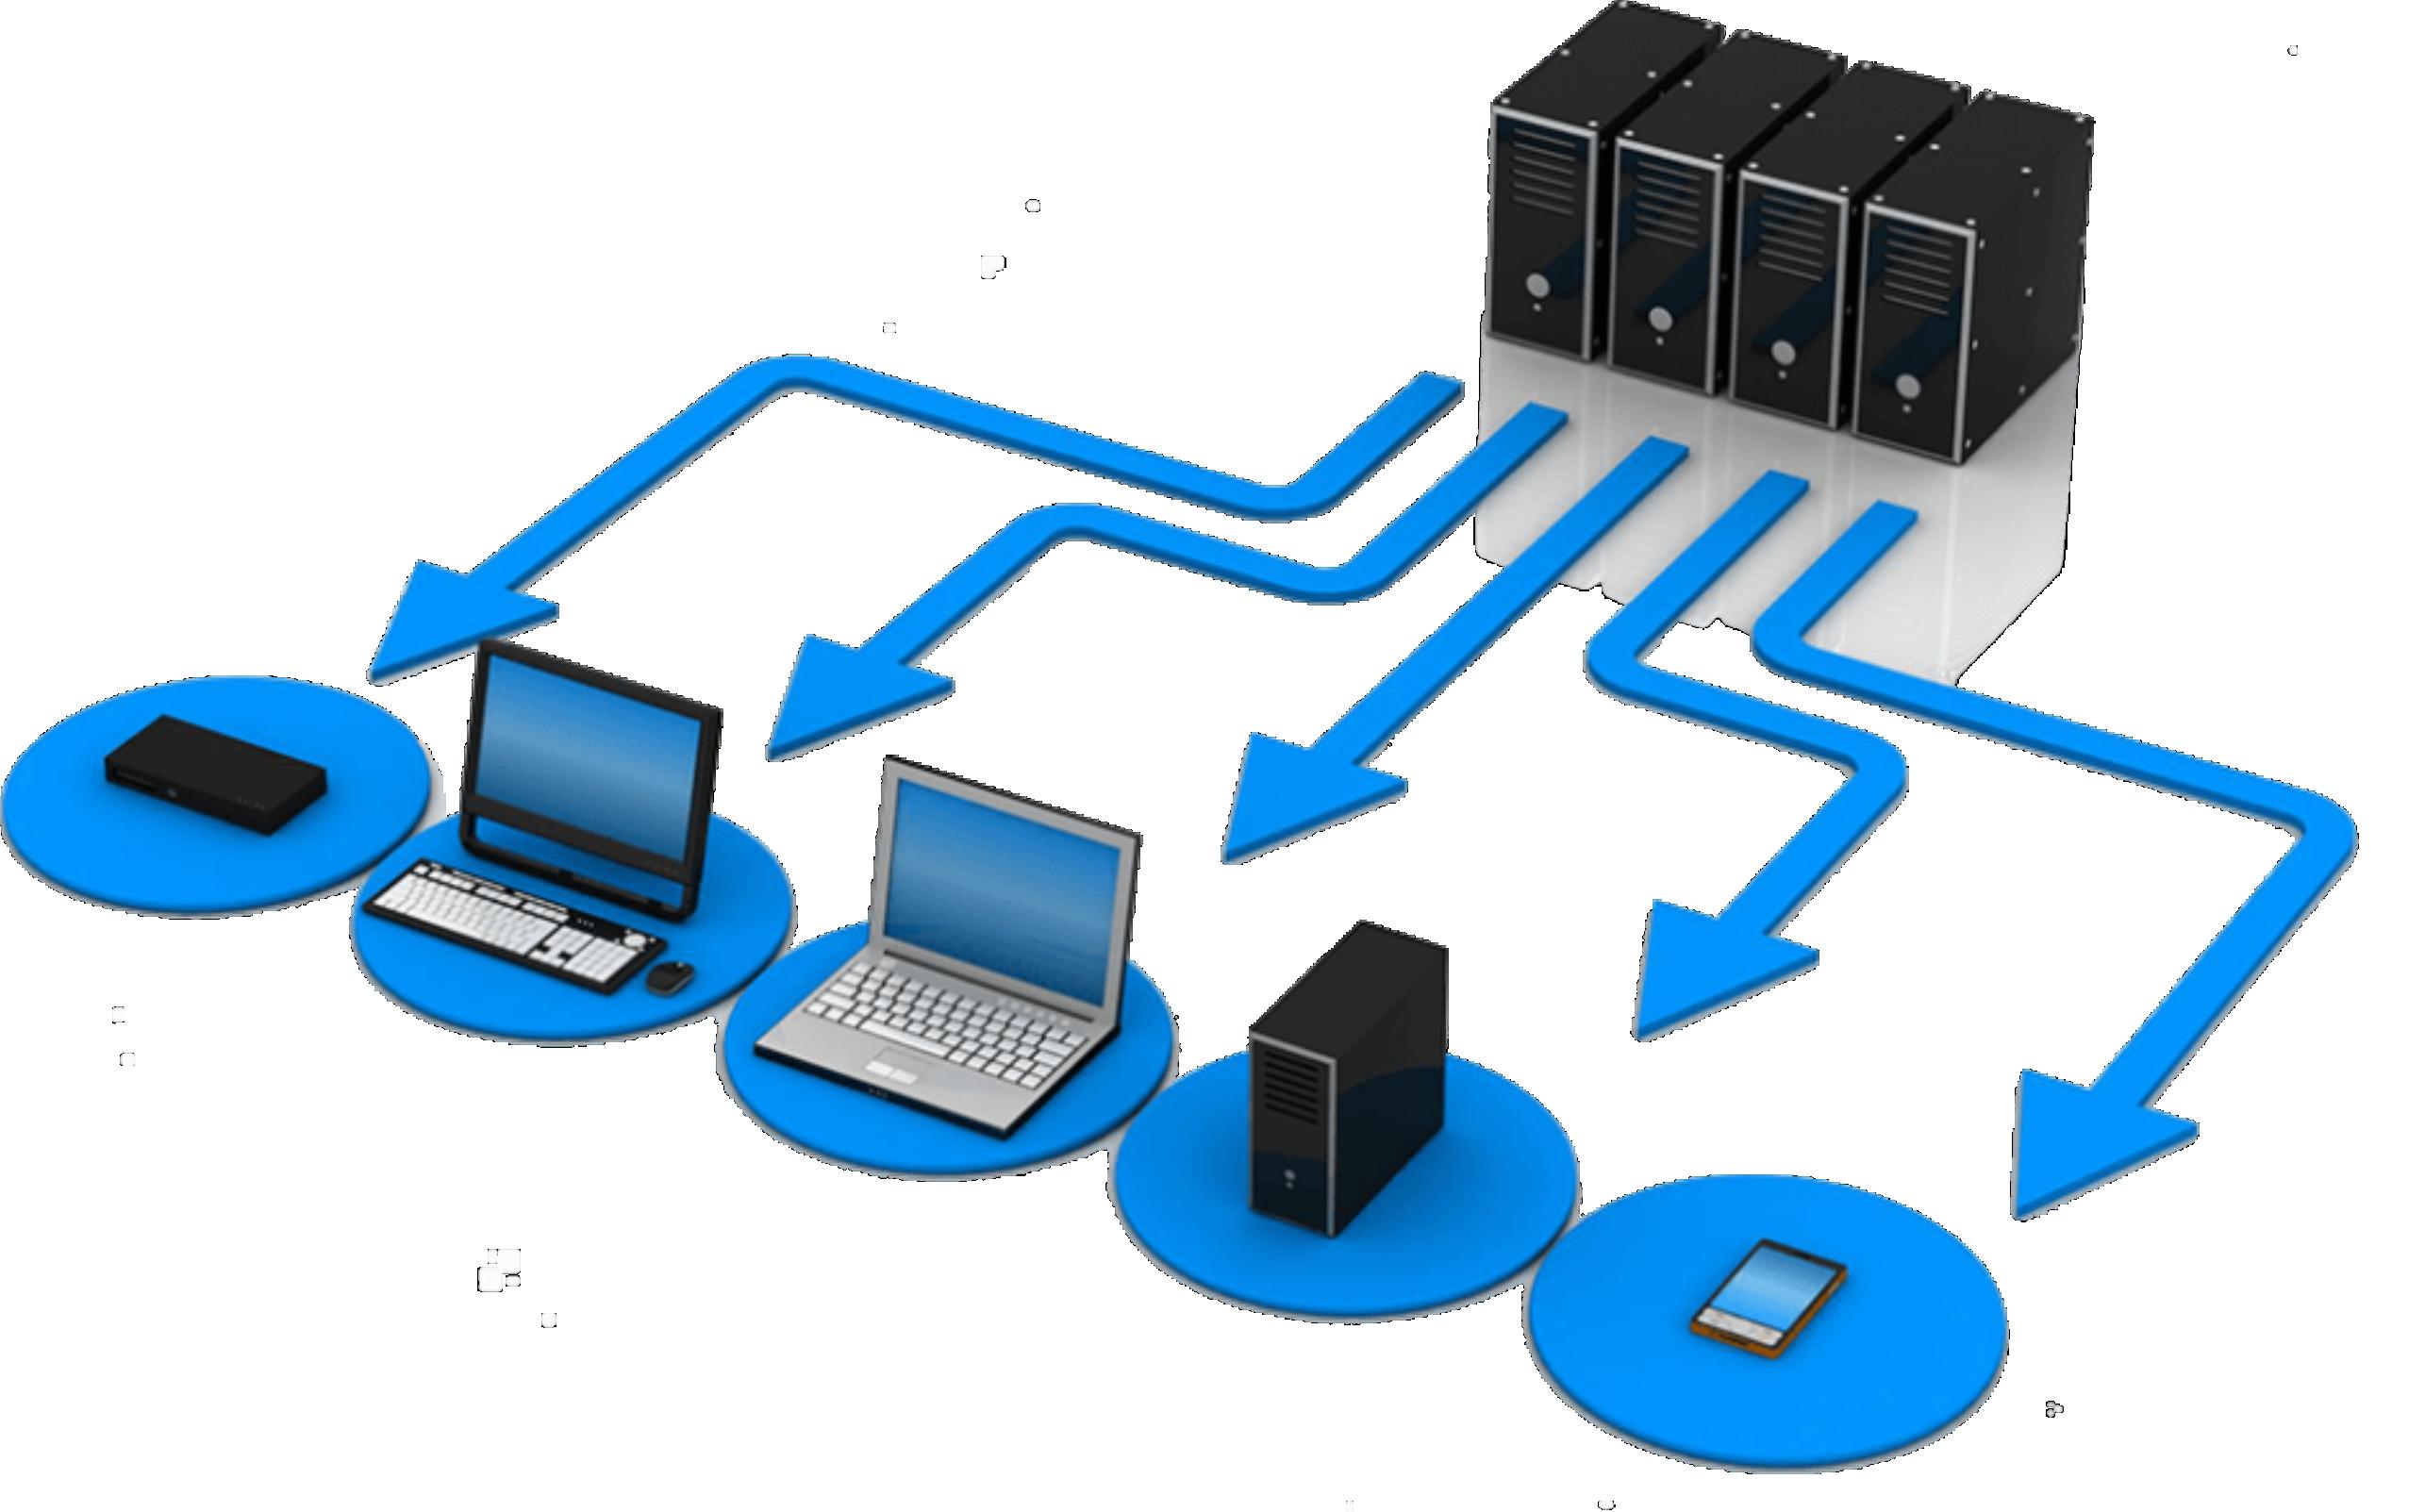 Bitline network